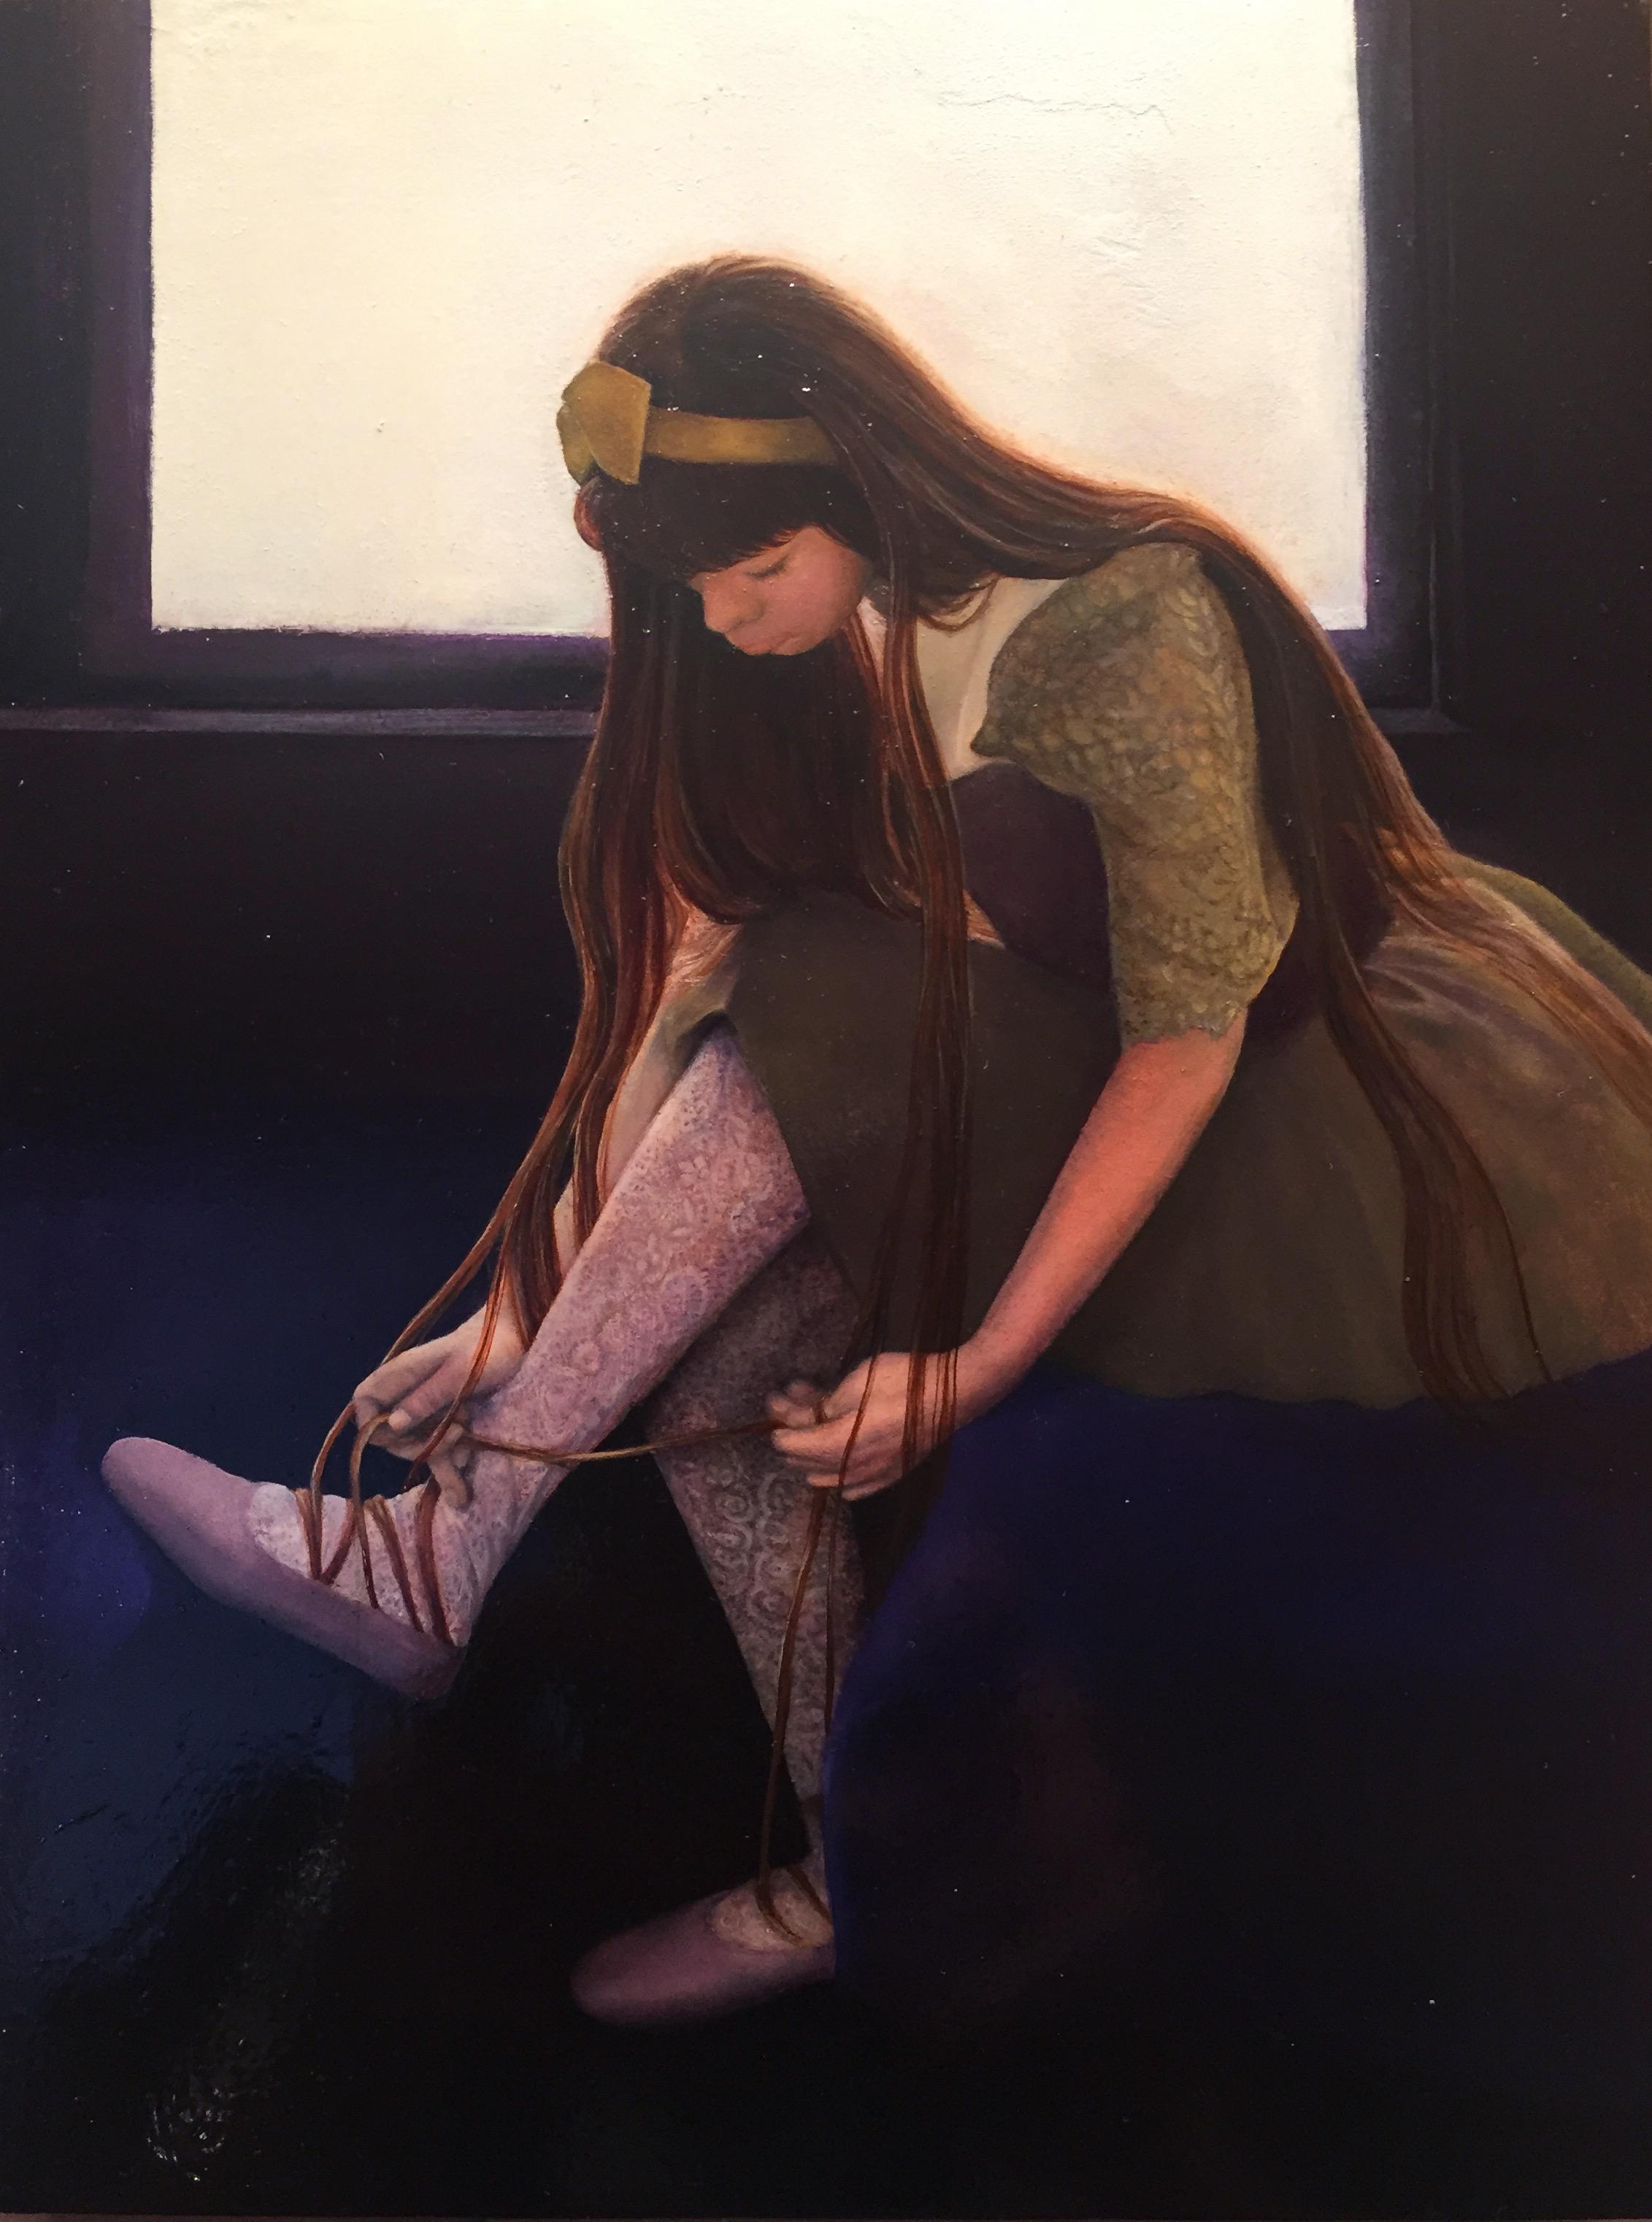 balette shoelace